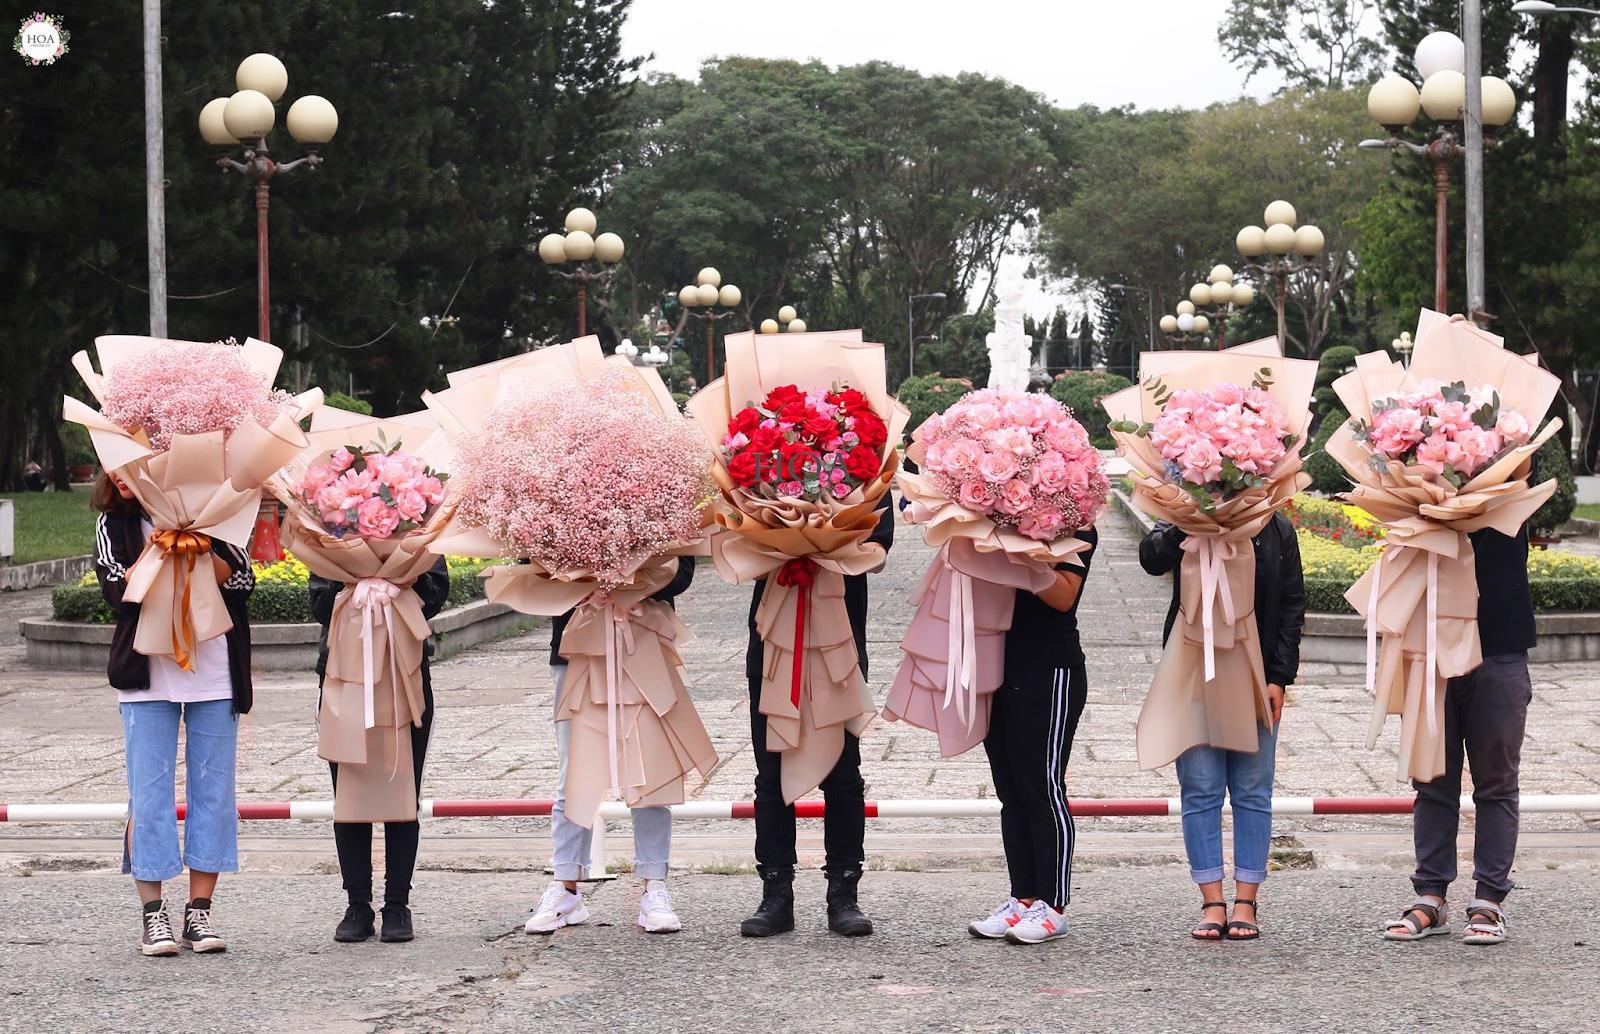 """Hoa Online 24/7: tiết lộ xu hướng hoa """"siêu to khổng lồ dành tặng phái nữ ngày 20/10 - Ảnh 5."""